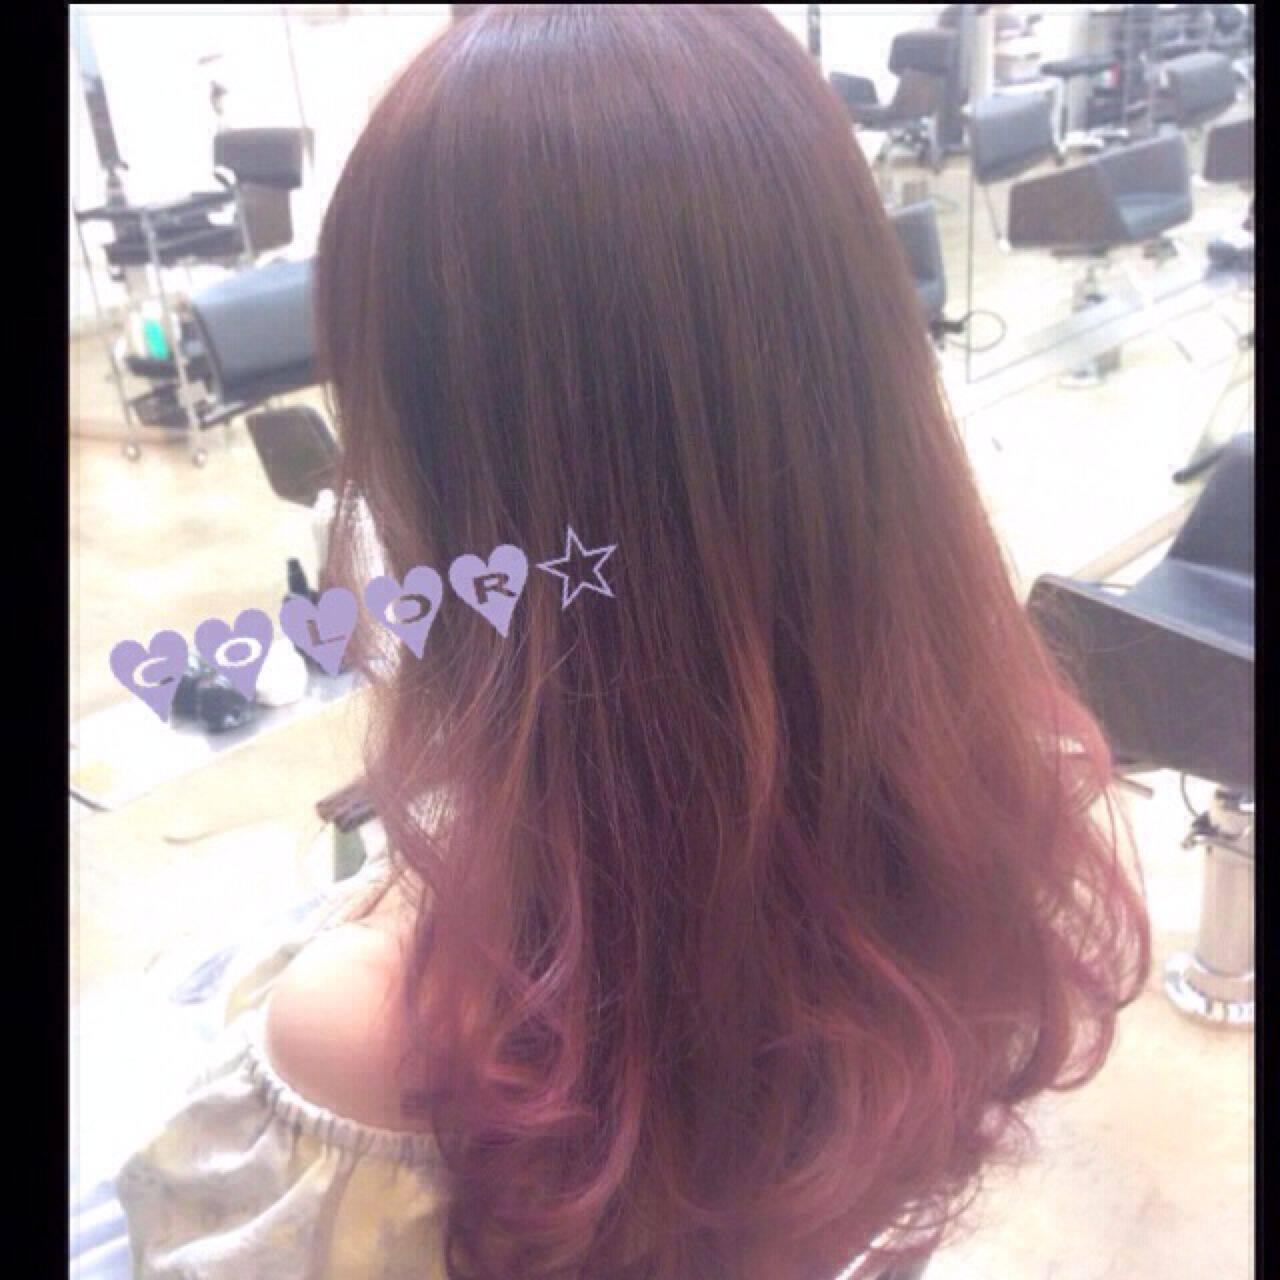 ゆるふわ ガーリー ピンク ストリートヘアスタイルや髪型の写真・画像